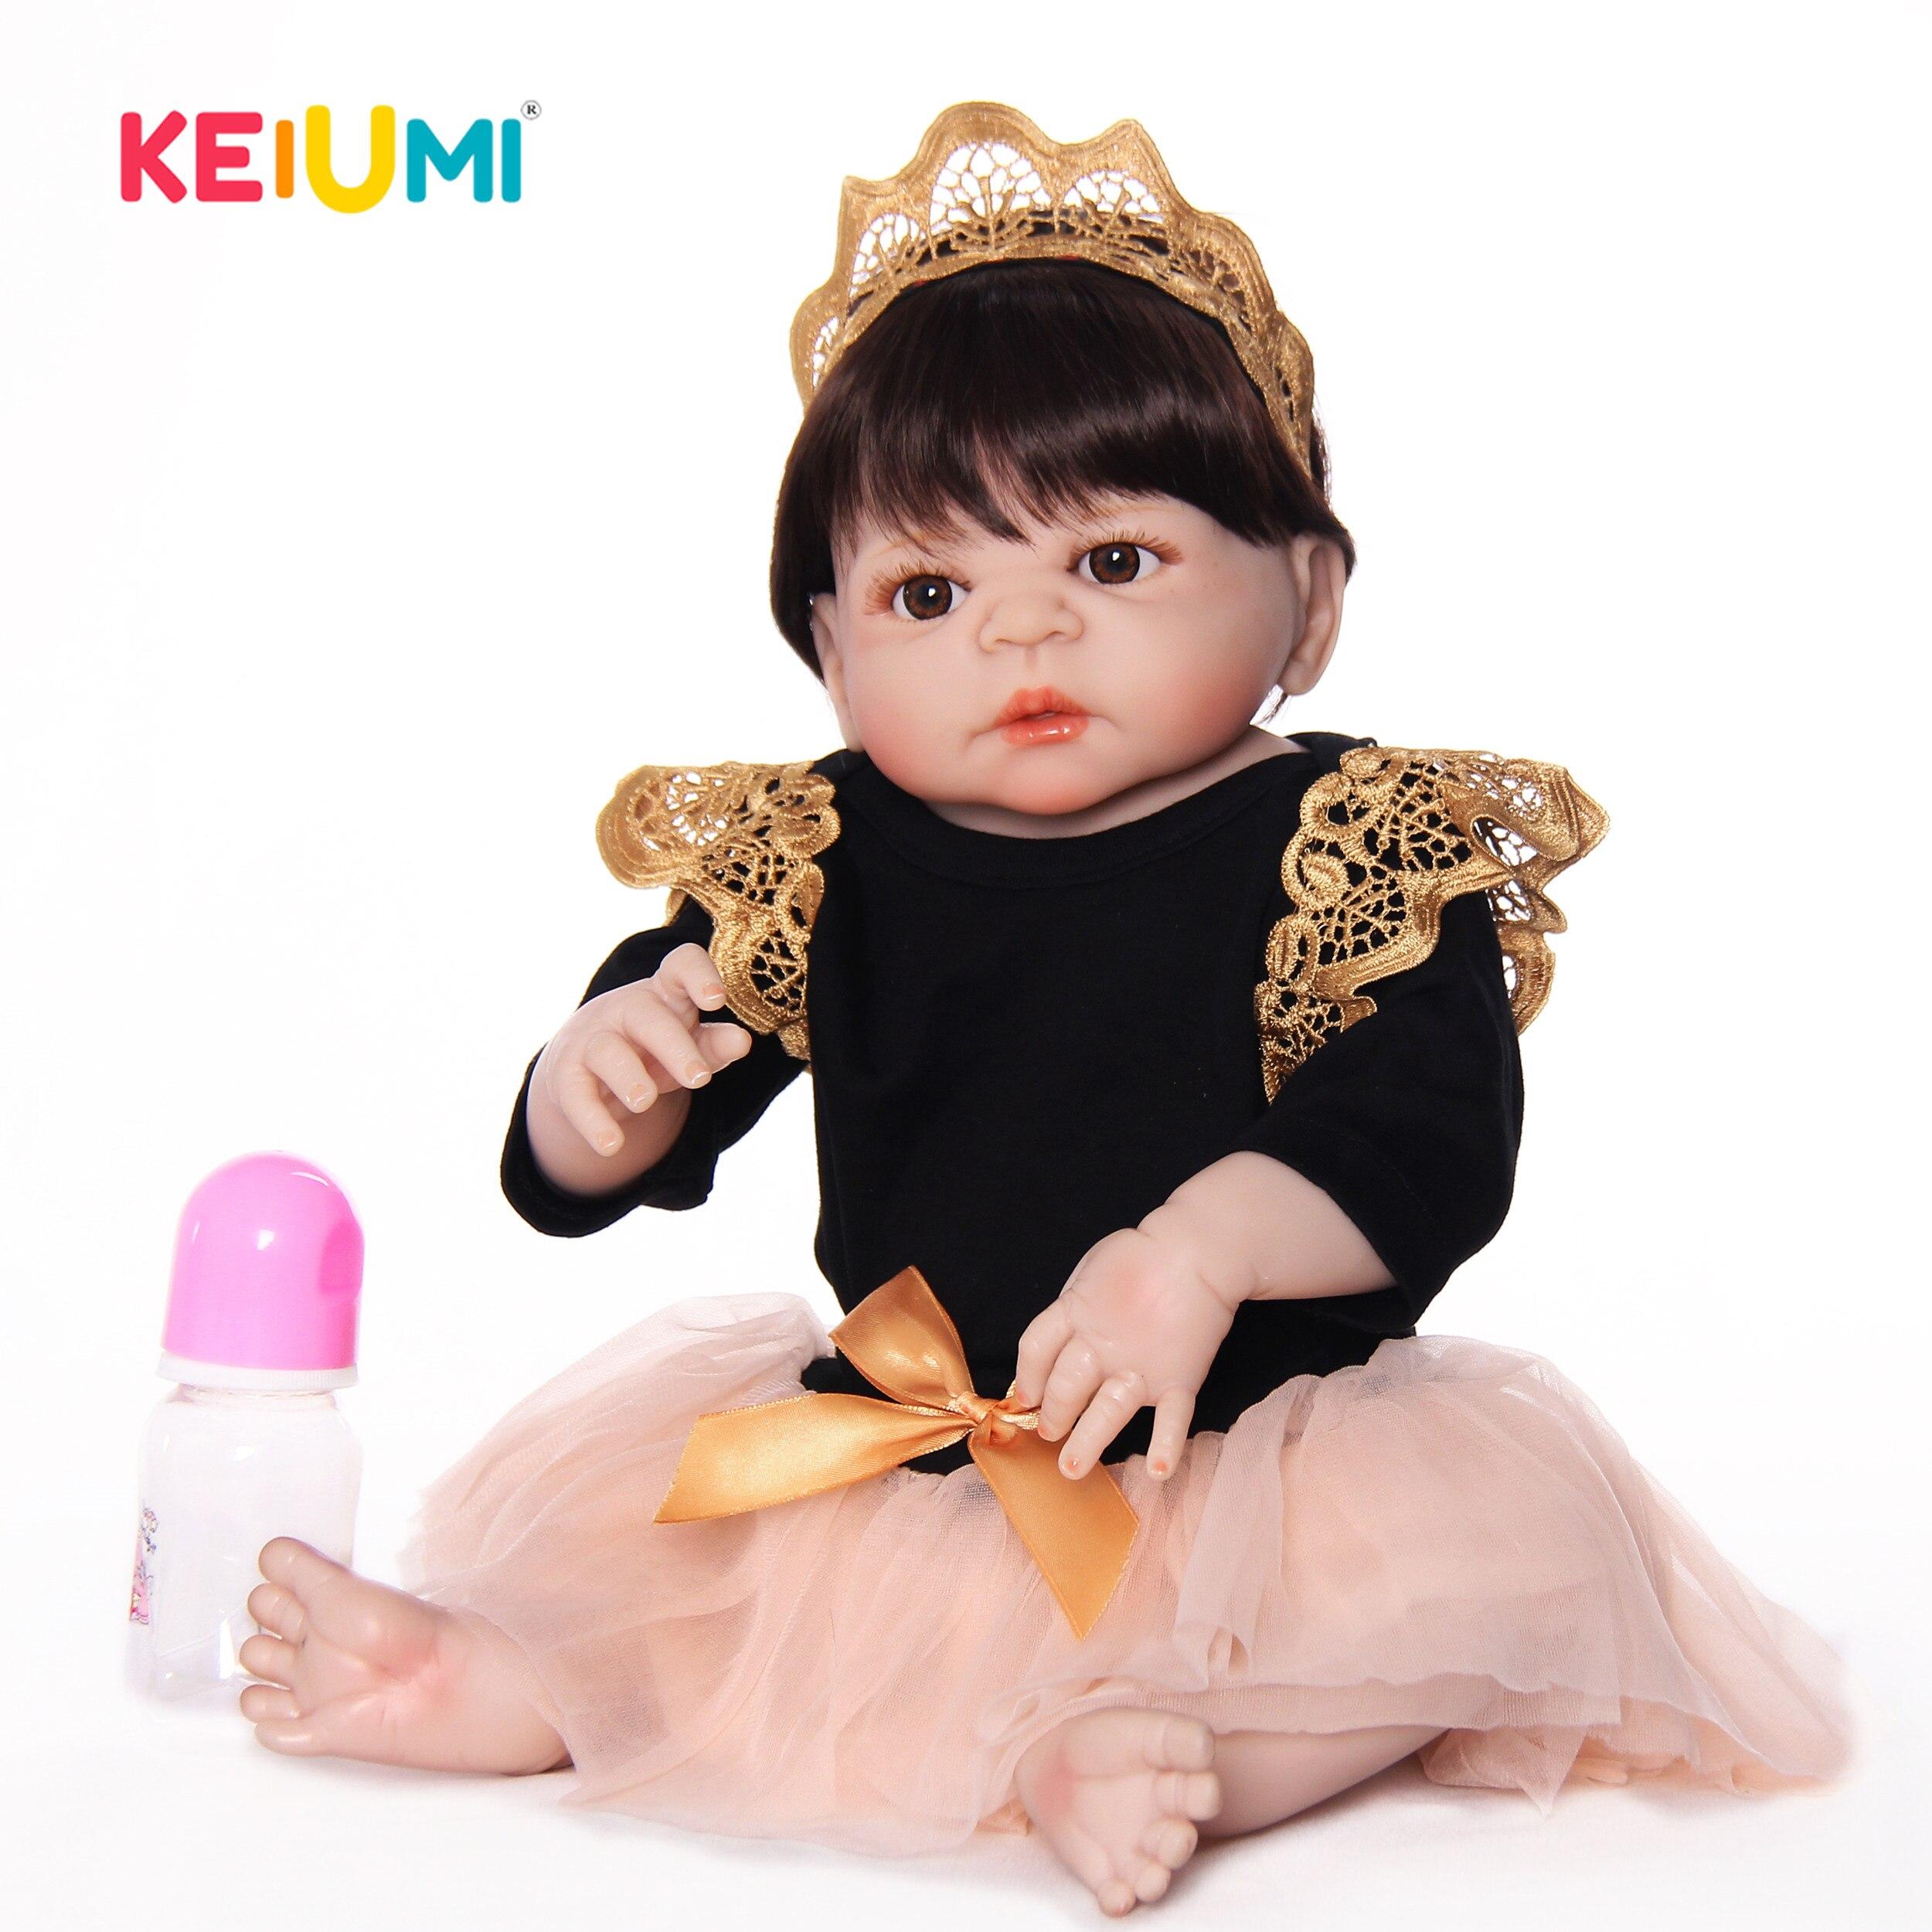 Estilo mais novo reborn bebê bonecas 23 Polegada completa silicone vinil artesanal recém nascido princesa meninas boneca brinquedo para venda crianças presentes de aniversário